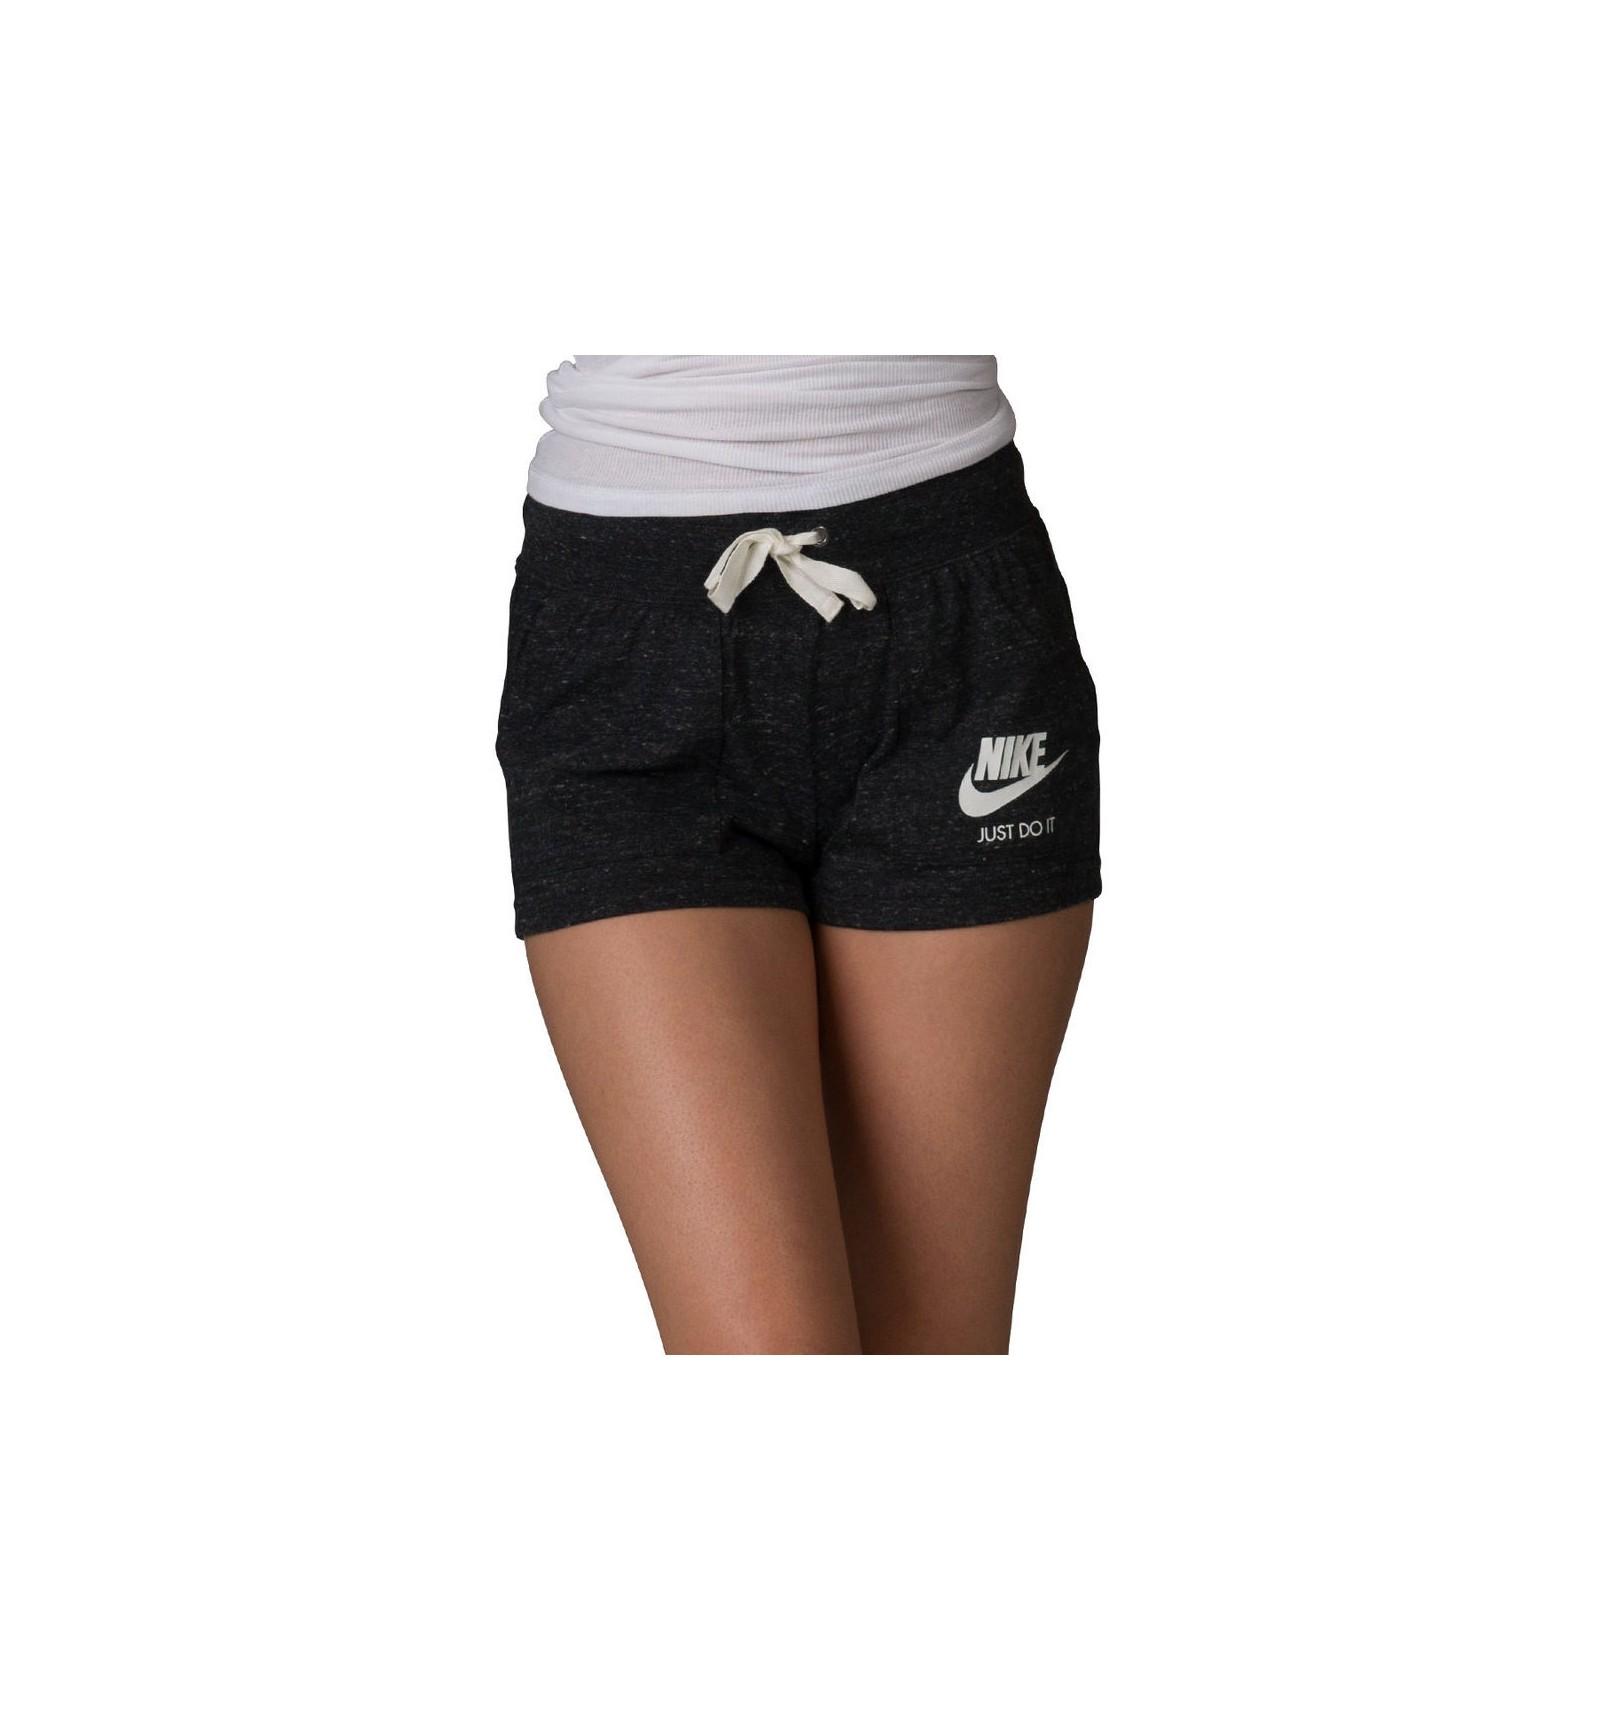 Short Mujer Vicunasport Tu En Vintage Tienda Nike Deportes De qAFqUwPr